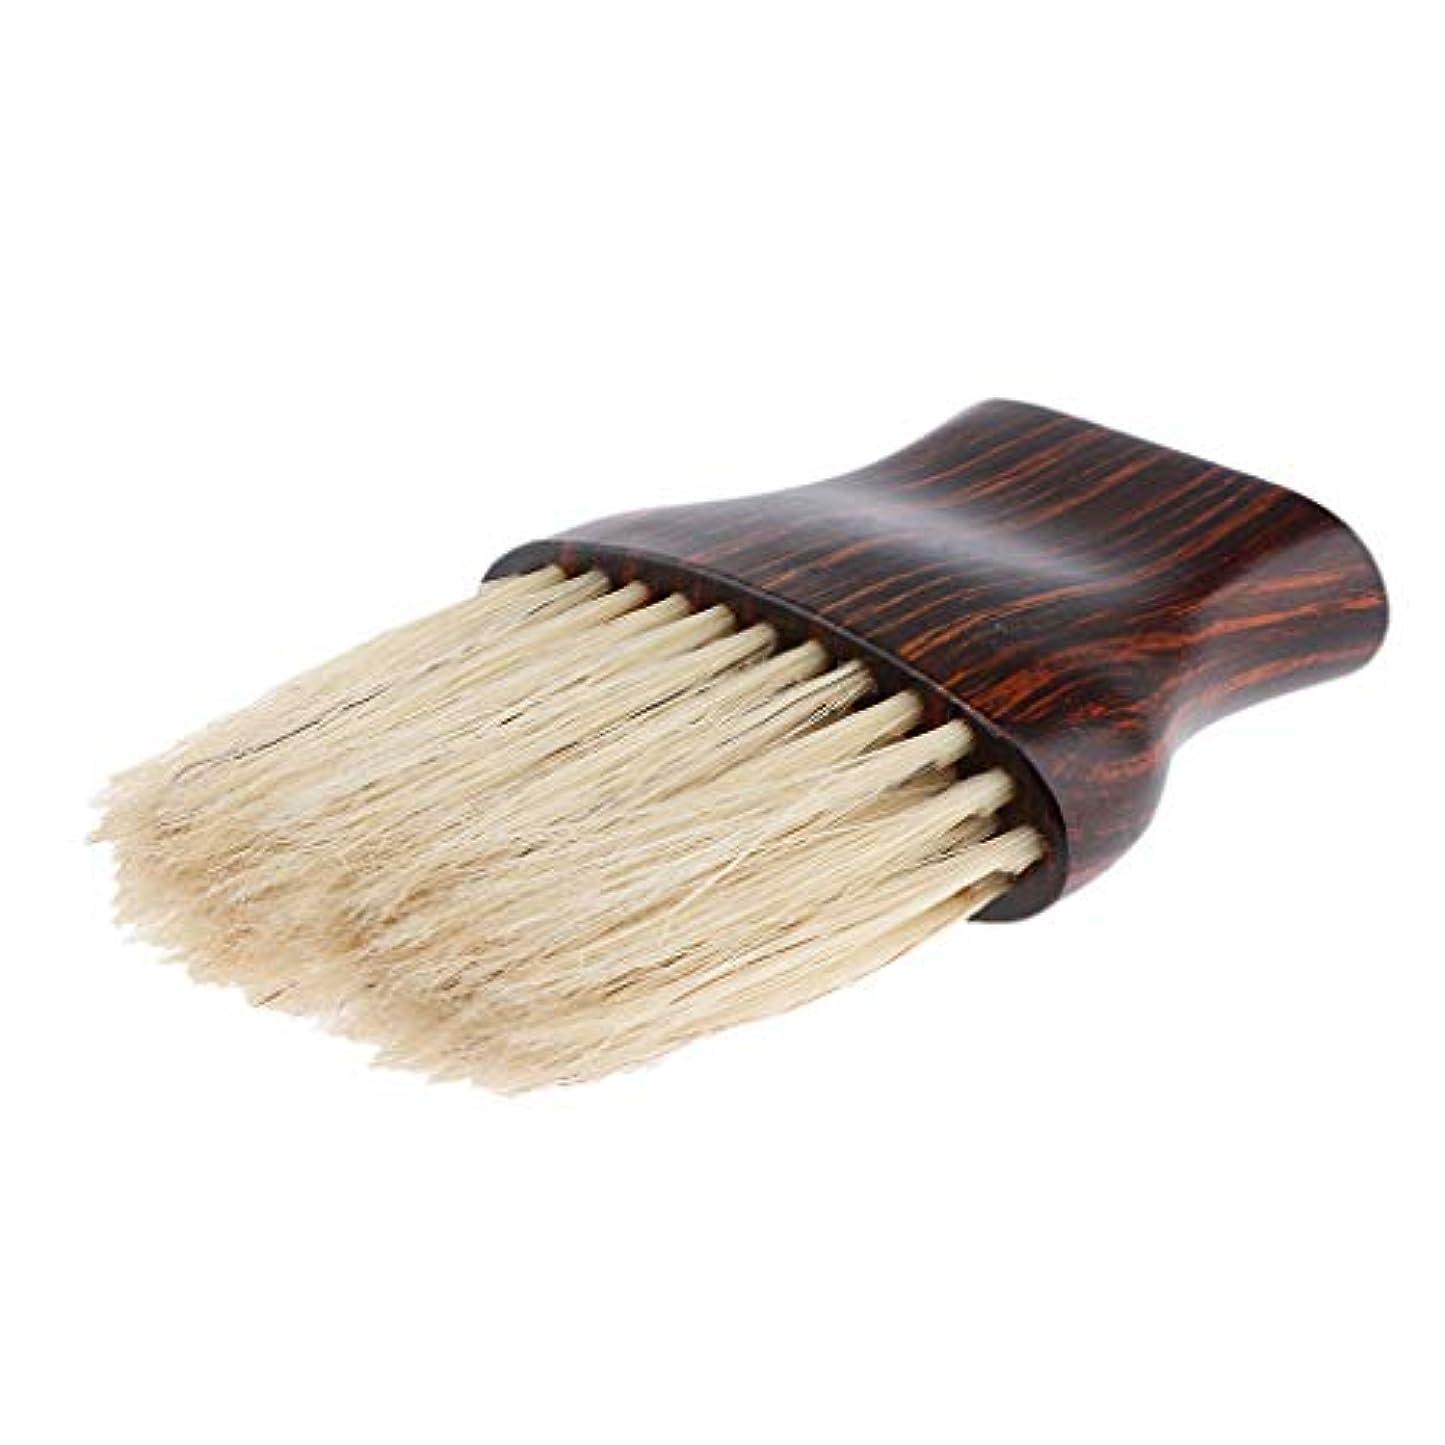 取り替える破滅的な寄稿者ヘアカットブラシ ネックダスタークリーニング ヘアブラシ 理髪師理髪ツール